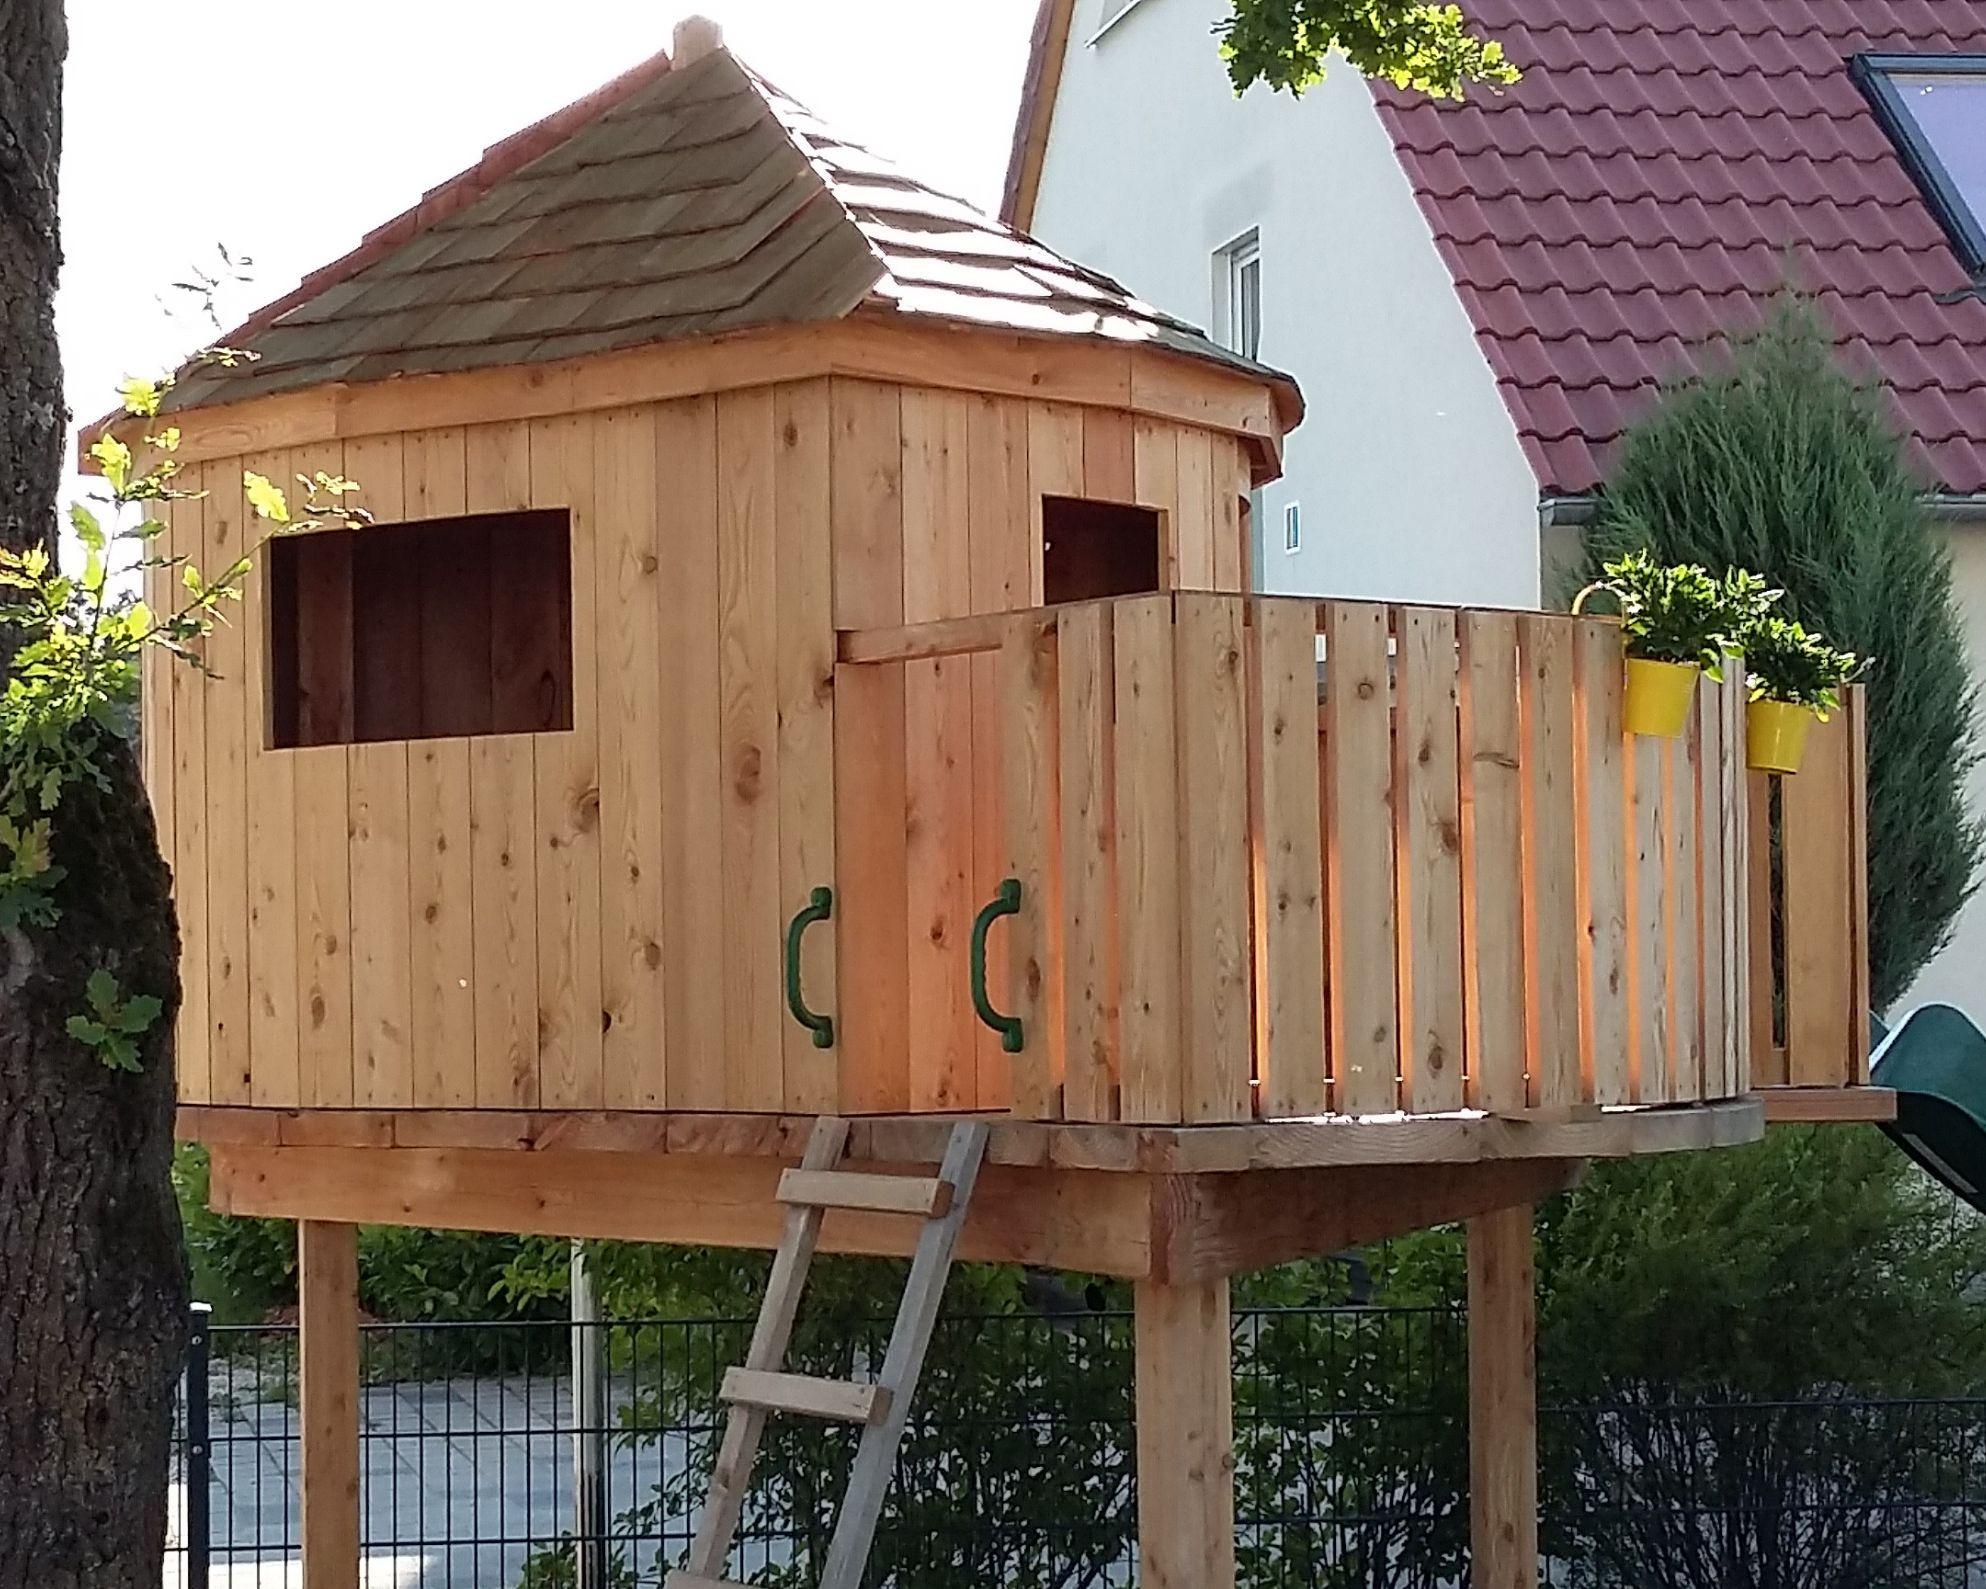 Dieses Baumhaus wurde aus Lärche gefertigt und liebevoll mit Holzschindeln eingedeckt.